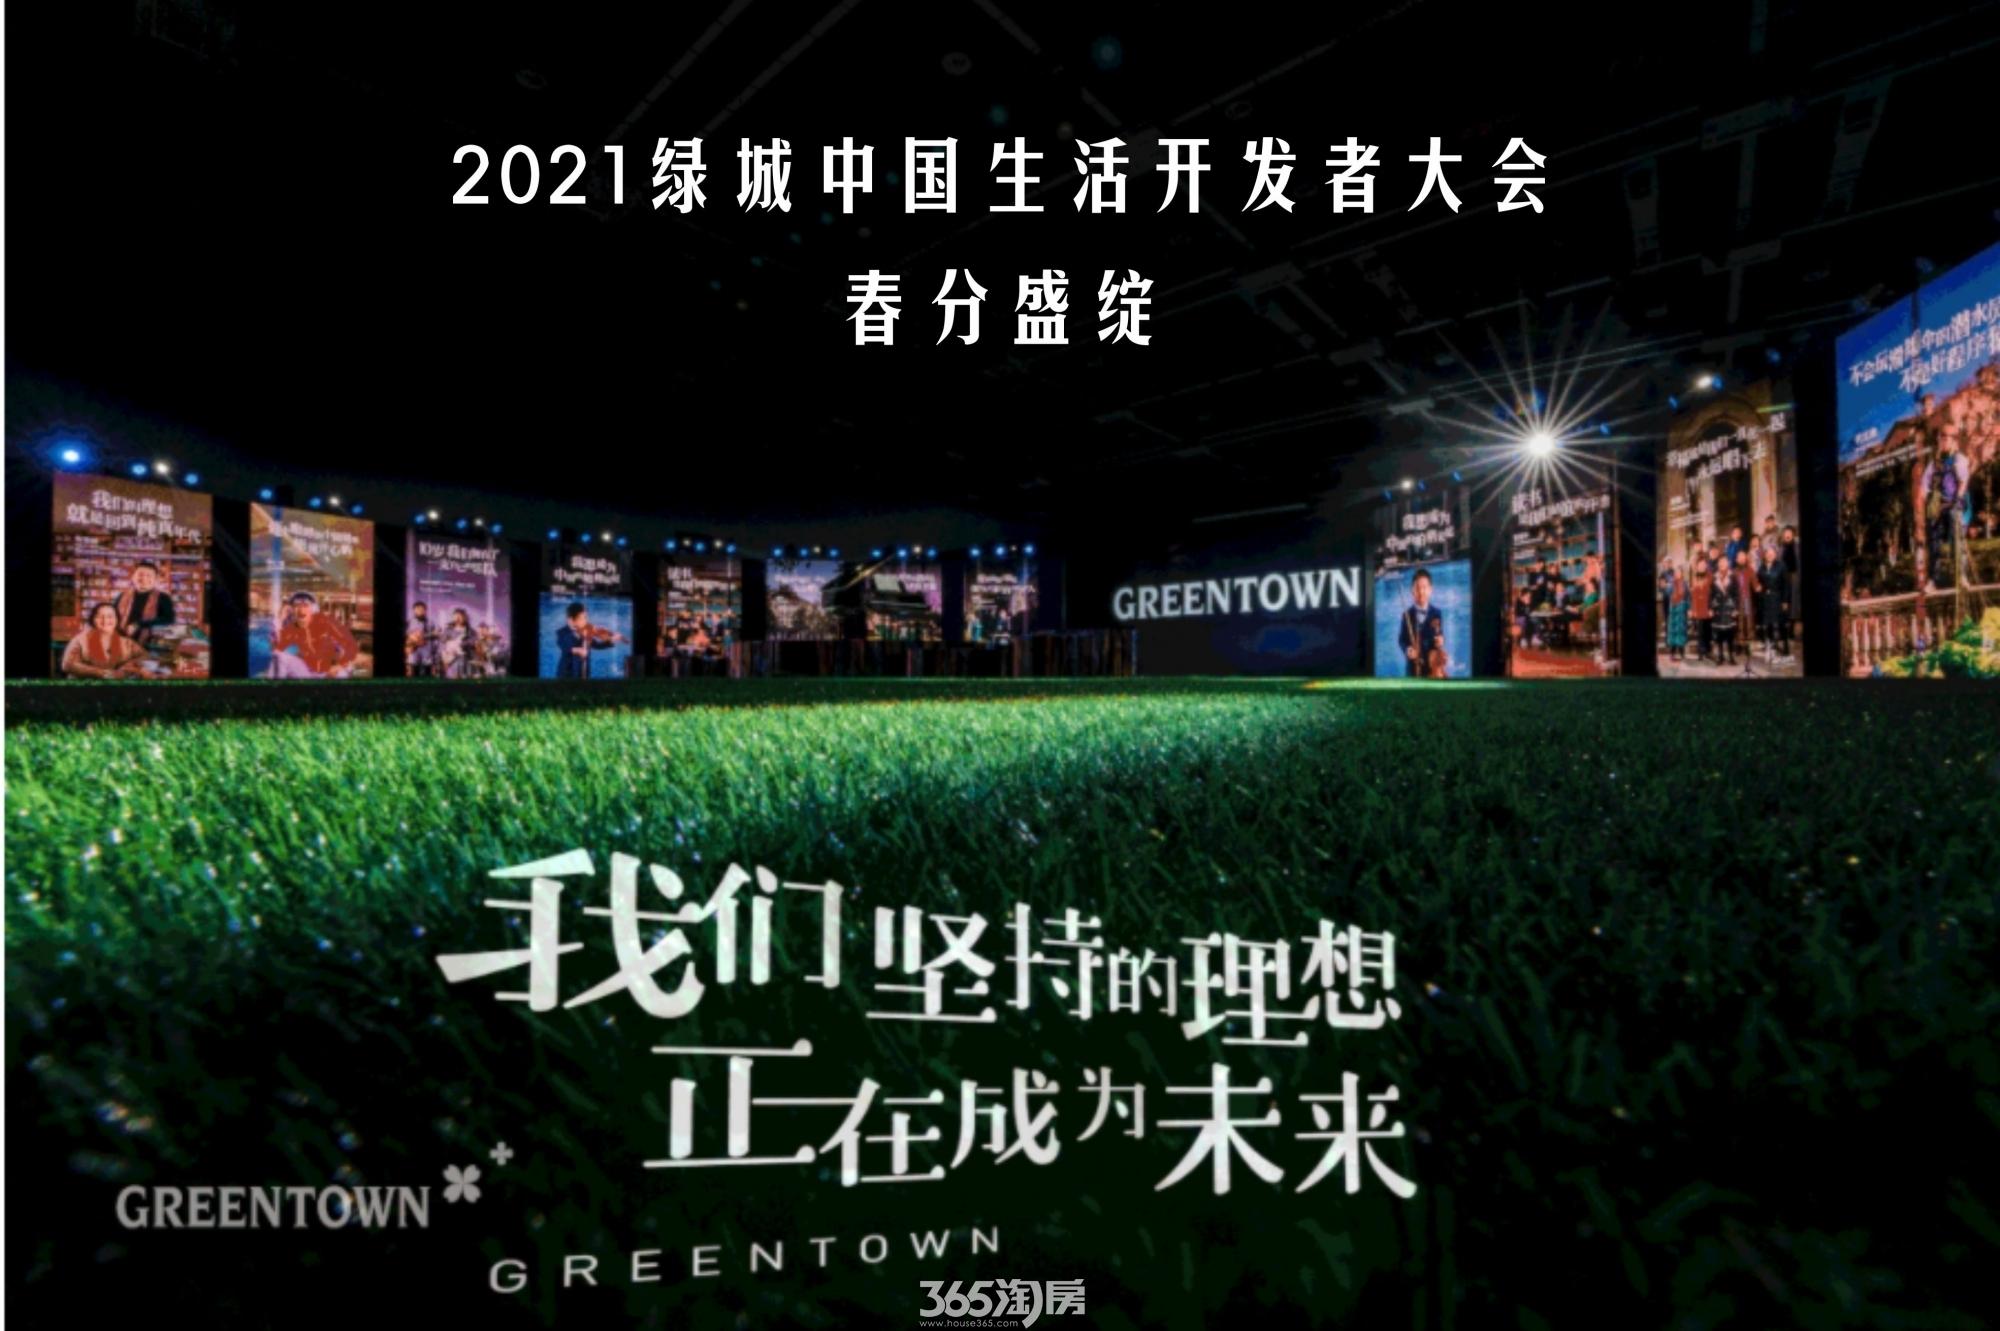 我们坚持的理想,正在成为未来丨2021绿城中国生活开发者大会,春分盛绽